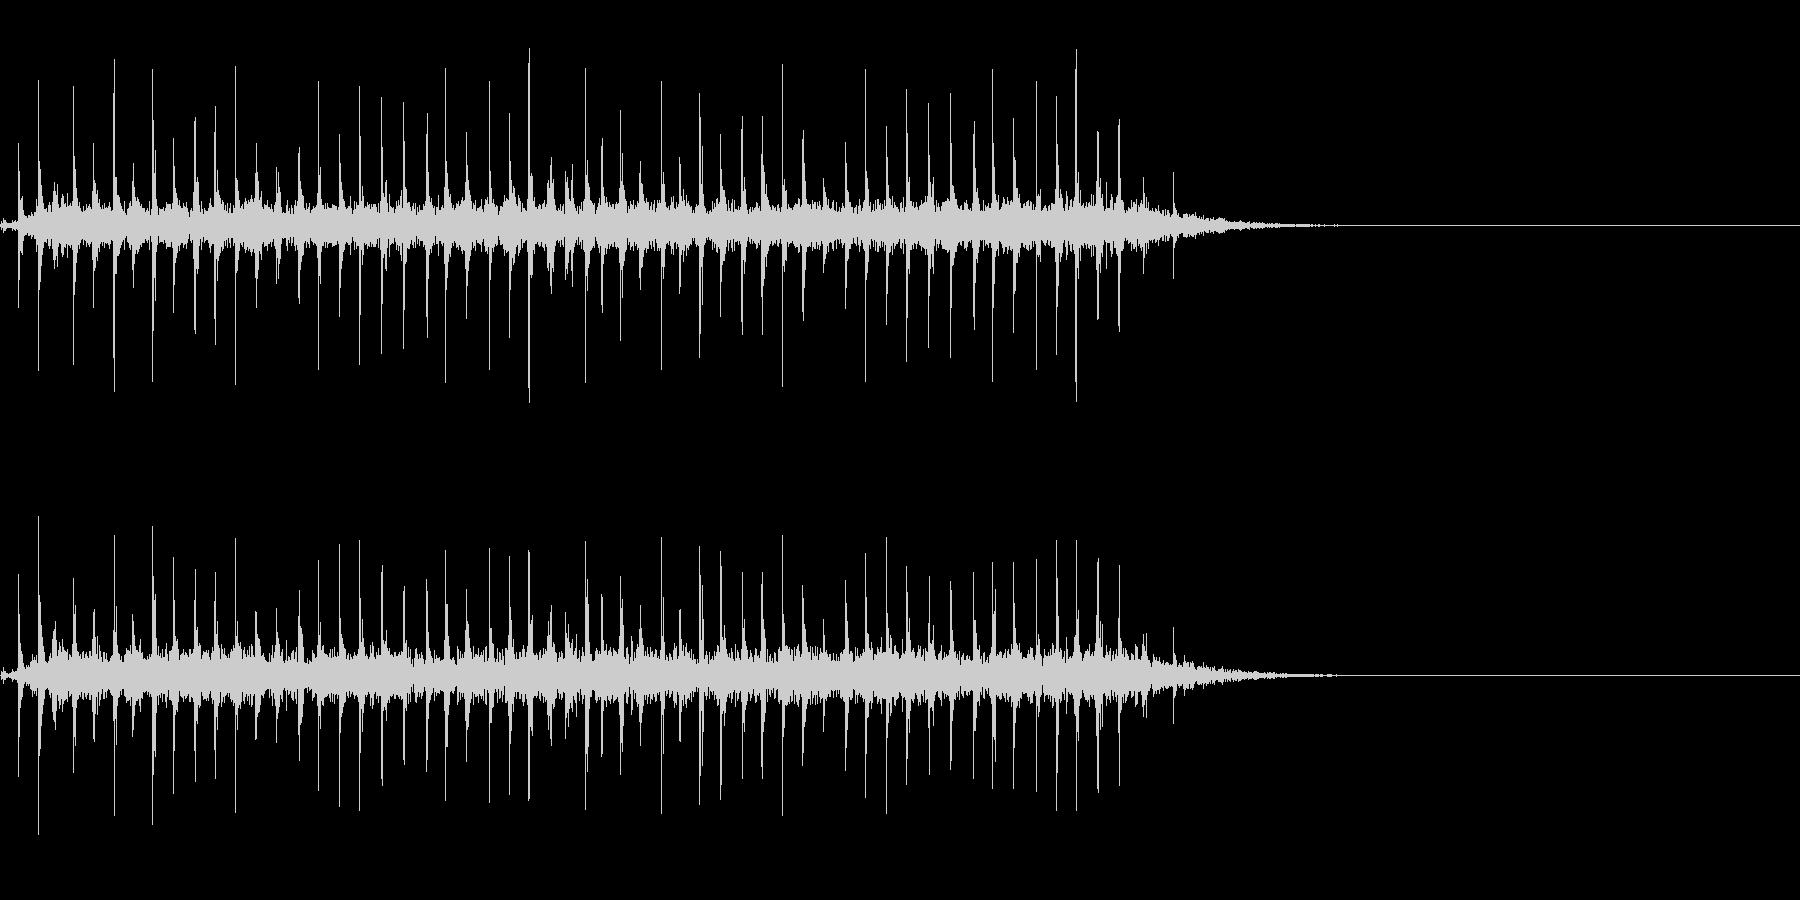 昔の時刻表のパタパタした音~低音編~の未再生の波形